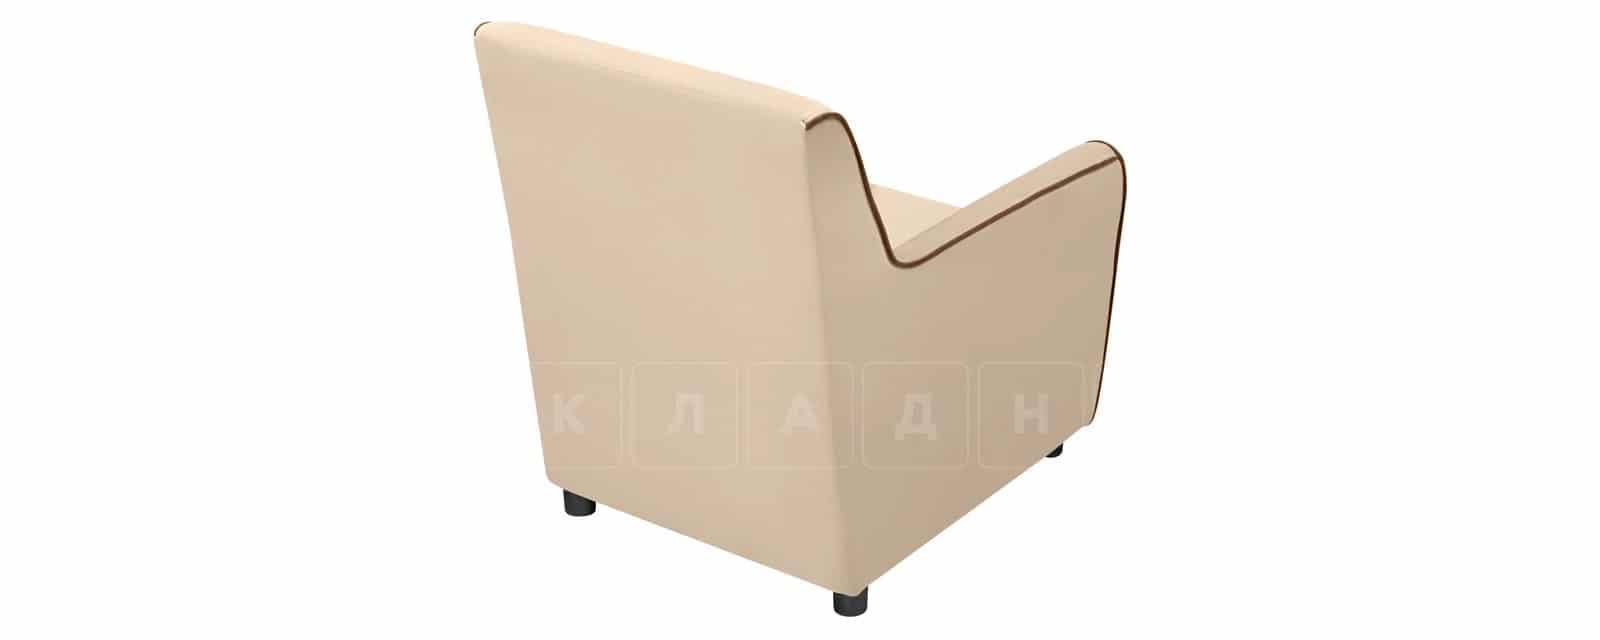 Кресло Флэтфорд велюр бежевый с коричневым кантом фото 5 | интернет-магазин Складно